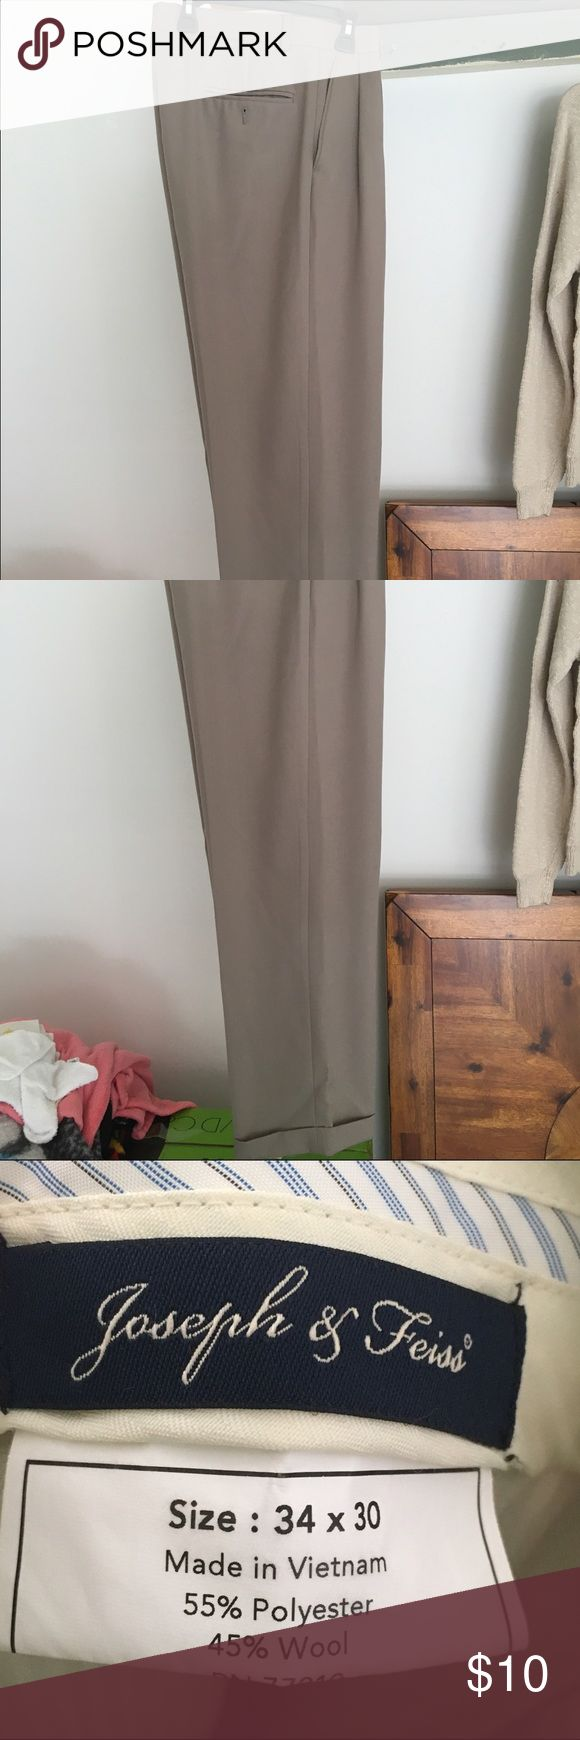 Men's dress pants with pleats. 34x30 Men's dress pant with pleats, beige color 34x30. Excellent condition. Pants Trousers